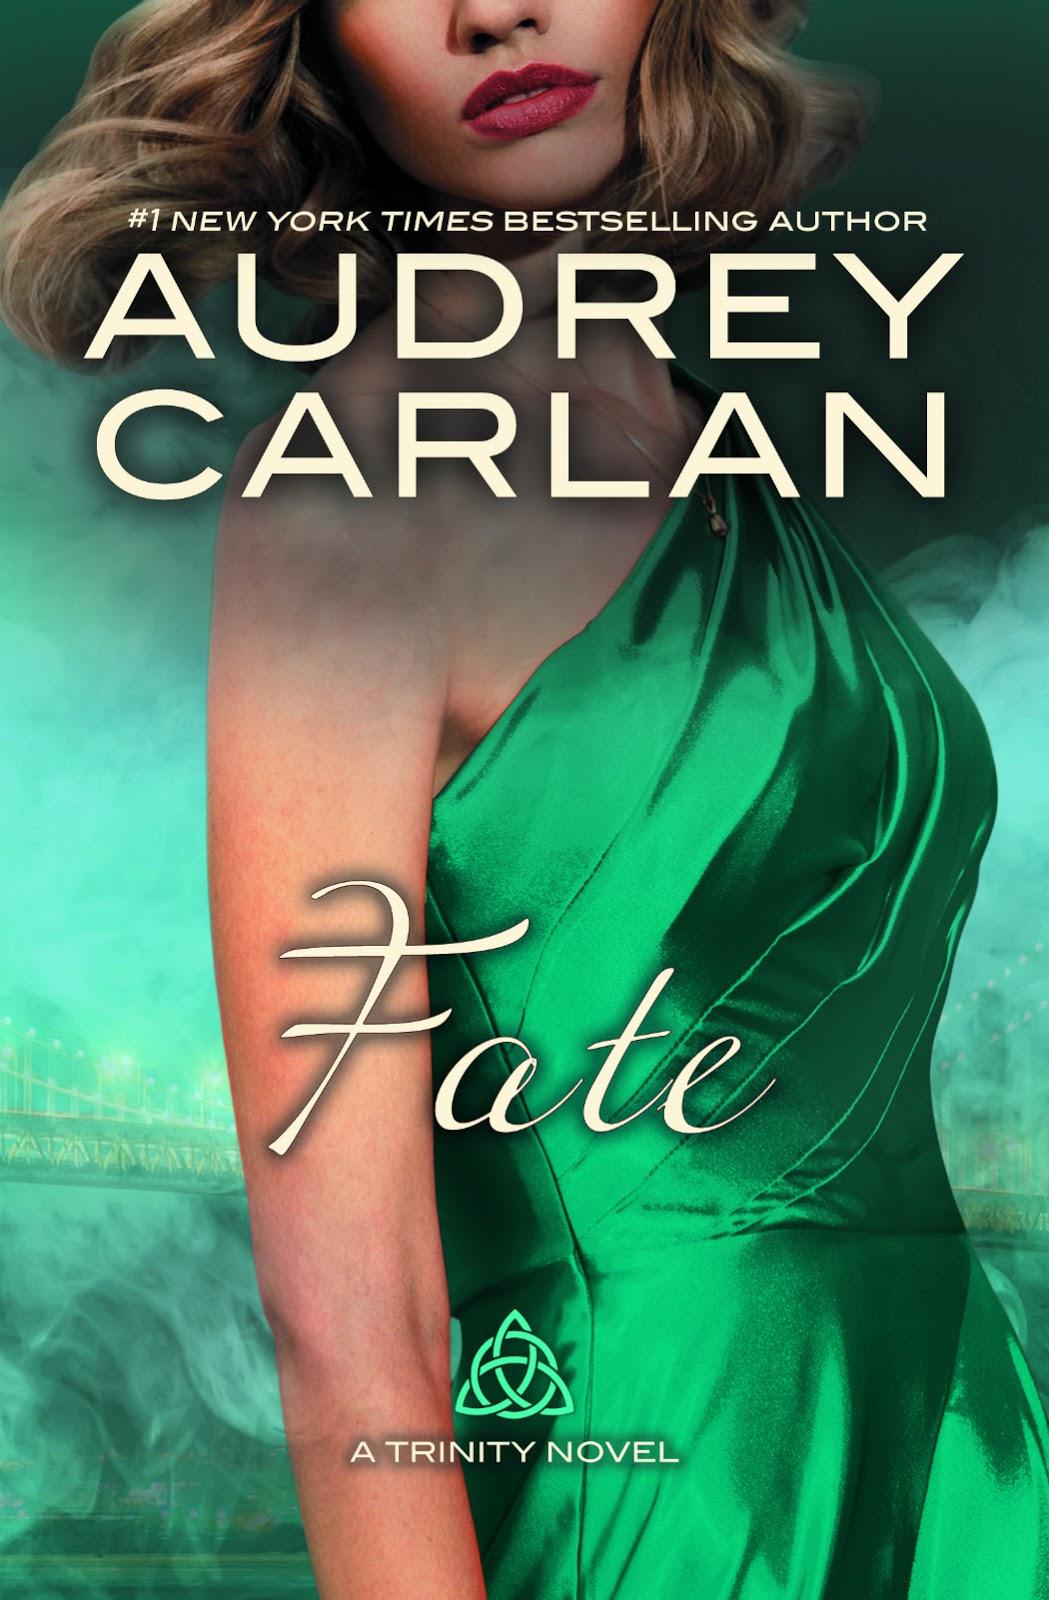 add89-fate2bebook2bcover.jpg